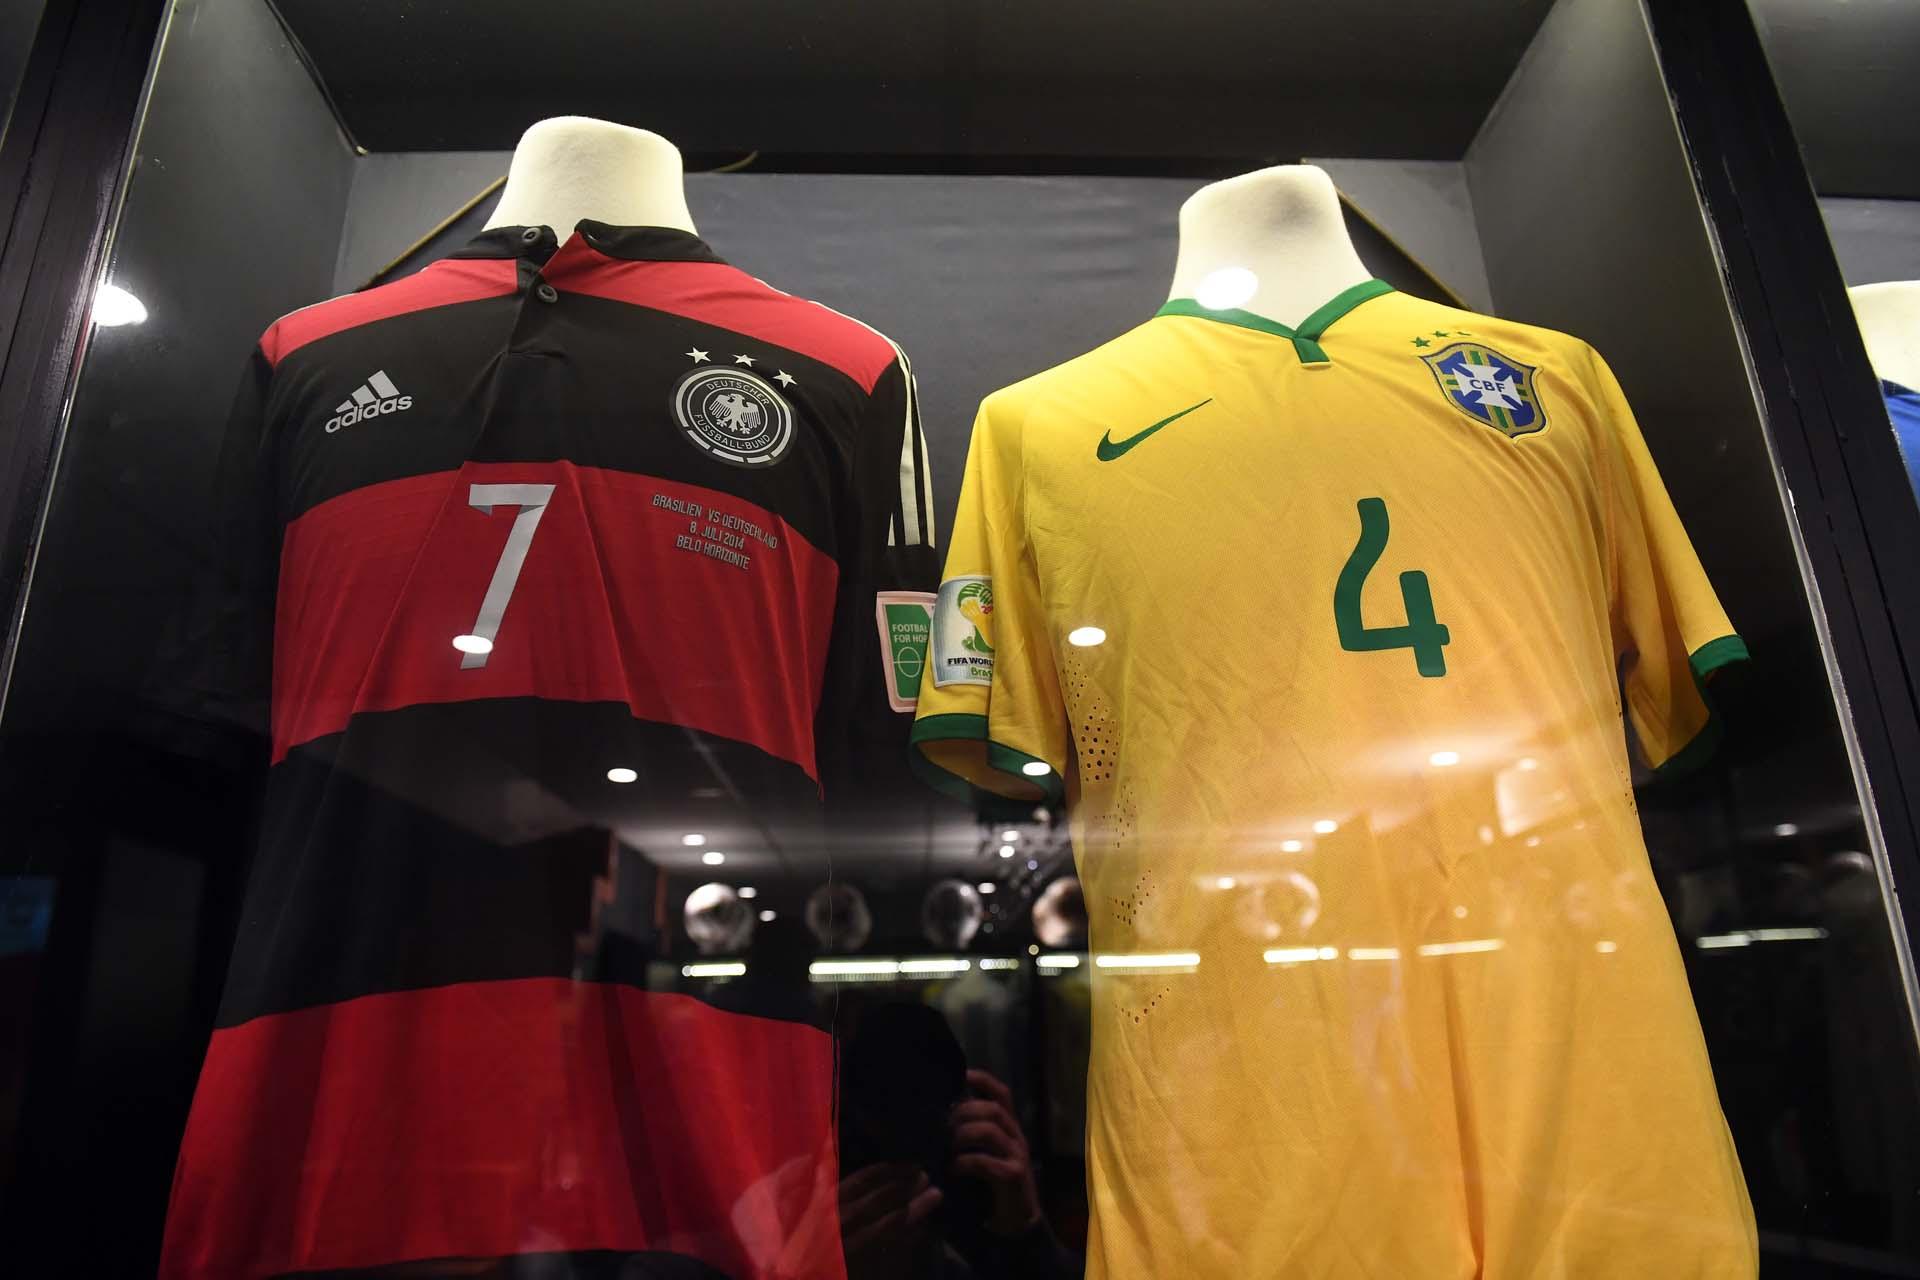 Semifinales del Mundial de Brasil 2014: ganó Alemania 7-1 y estas son las camisetas que se pusieron el alemán Bastian Schweinsteiger y el brasileño David Luiz (Nicolás Stulberg)